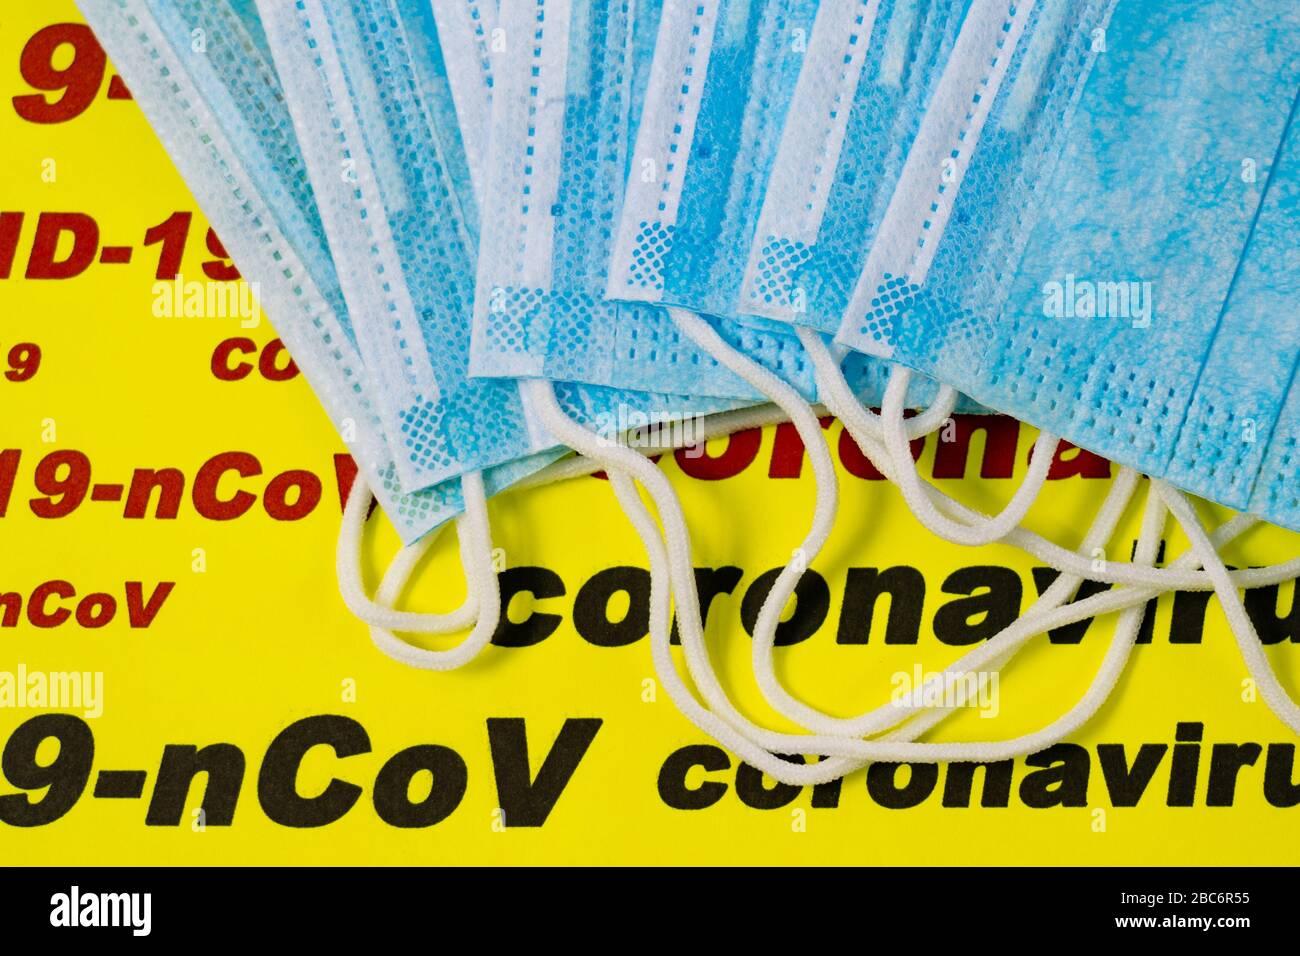 Masques chirurgicaux antiviraux à l'arrière-plan du texte : 2019-ncov, coronavirus 2019, COVID-19. Concept d'épidémie de virus. Gros plan. Banque D'Images